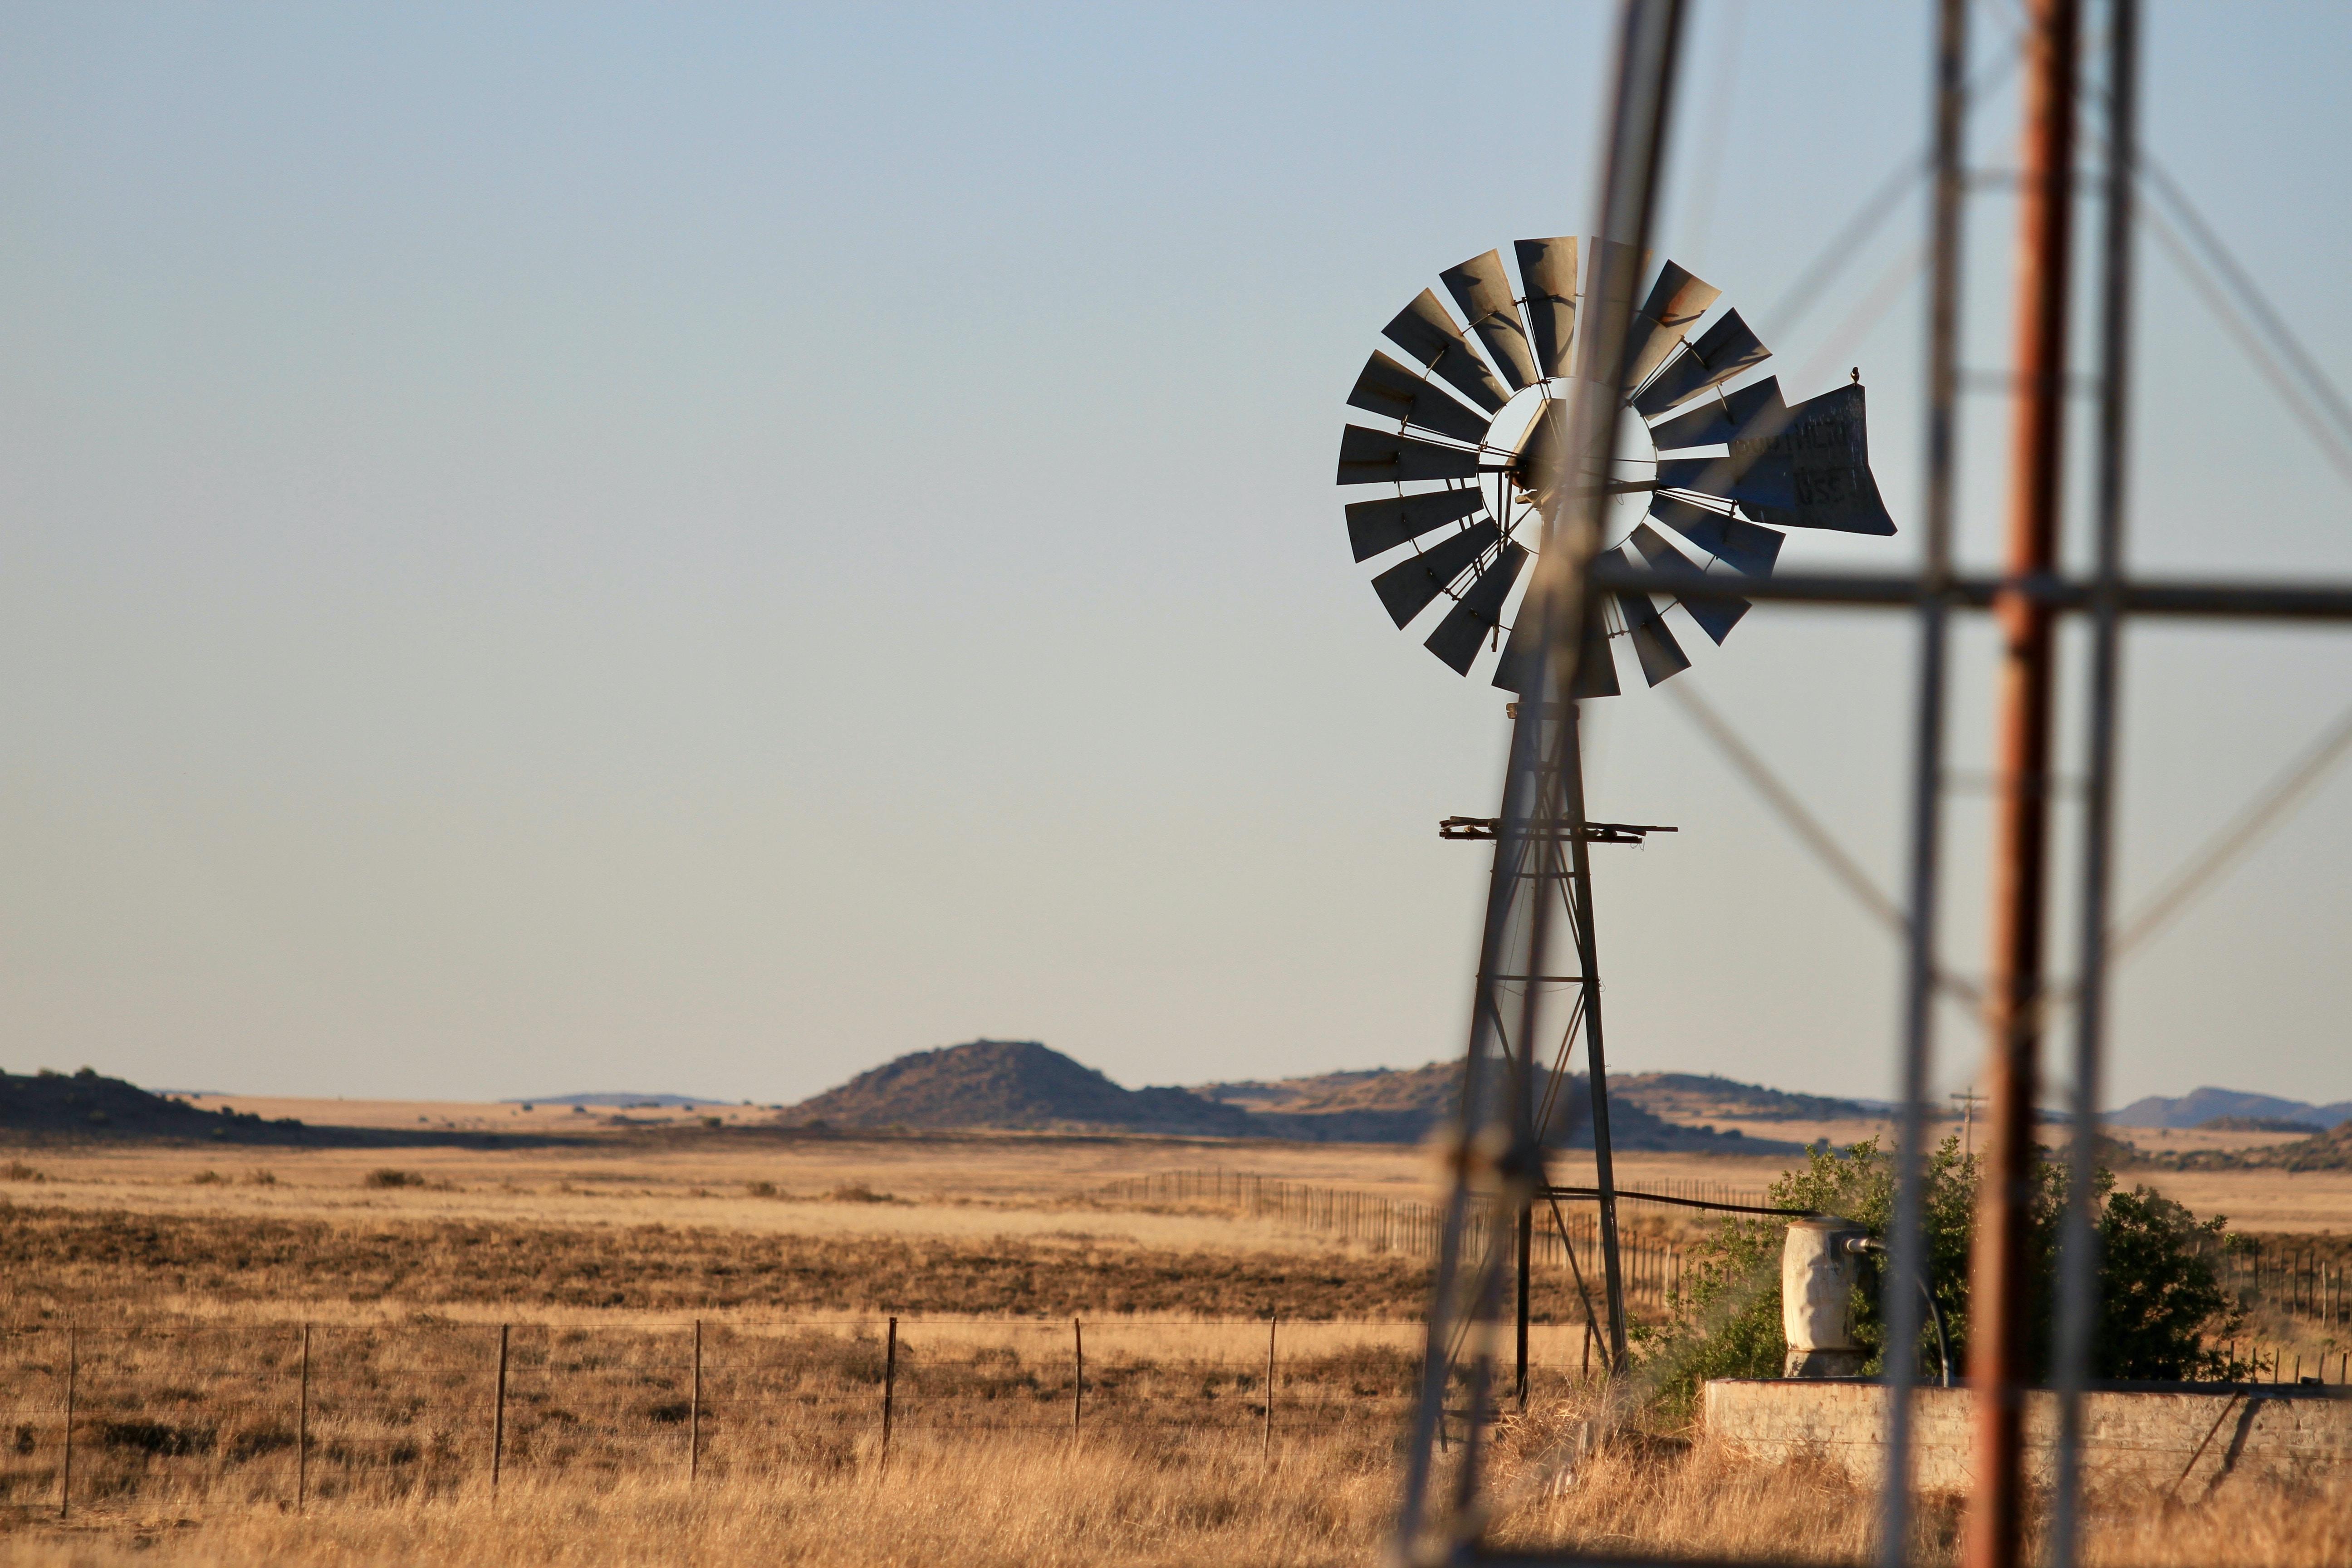 black windmill on brown field